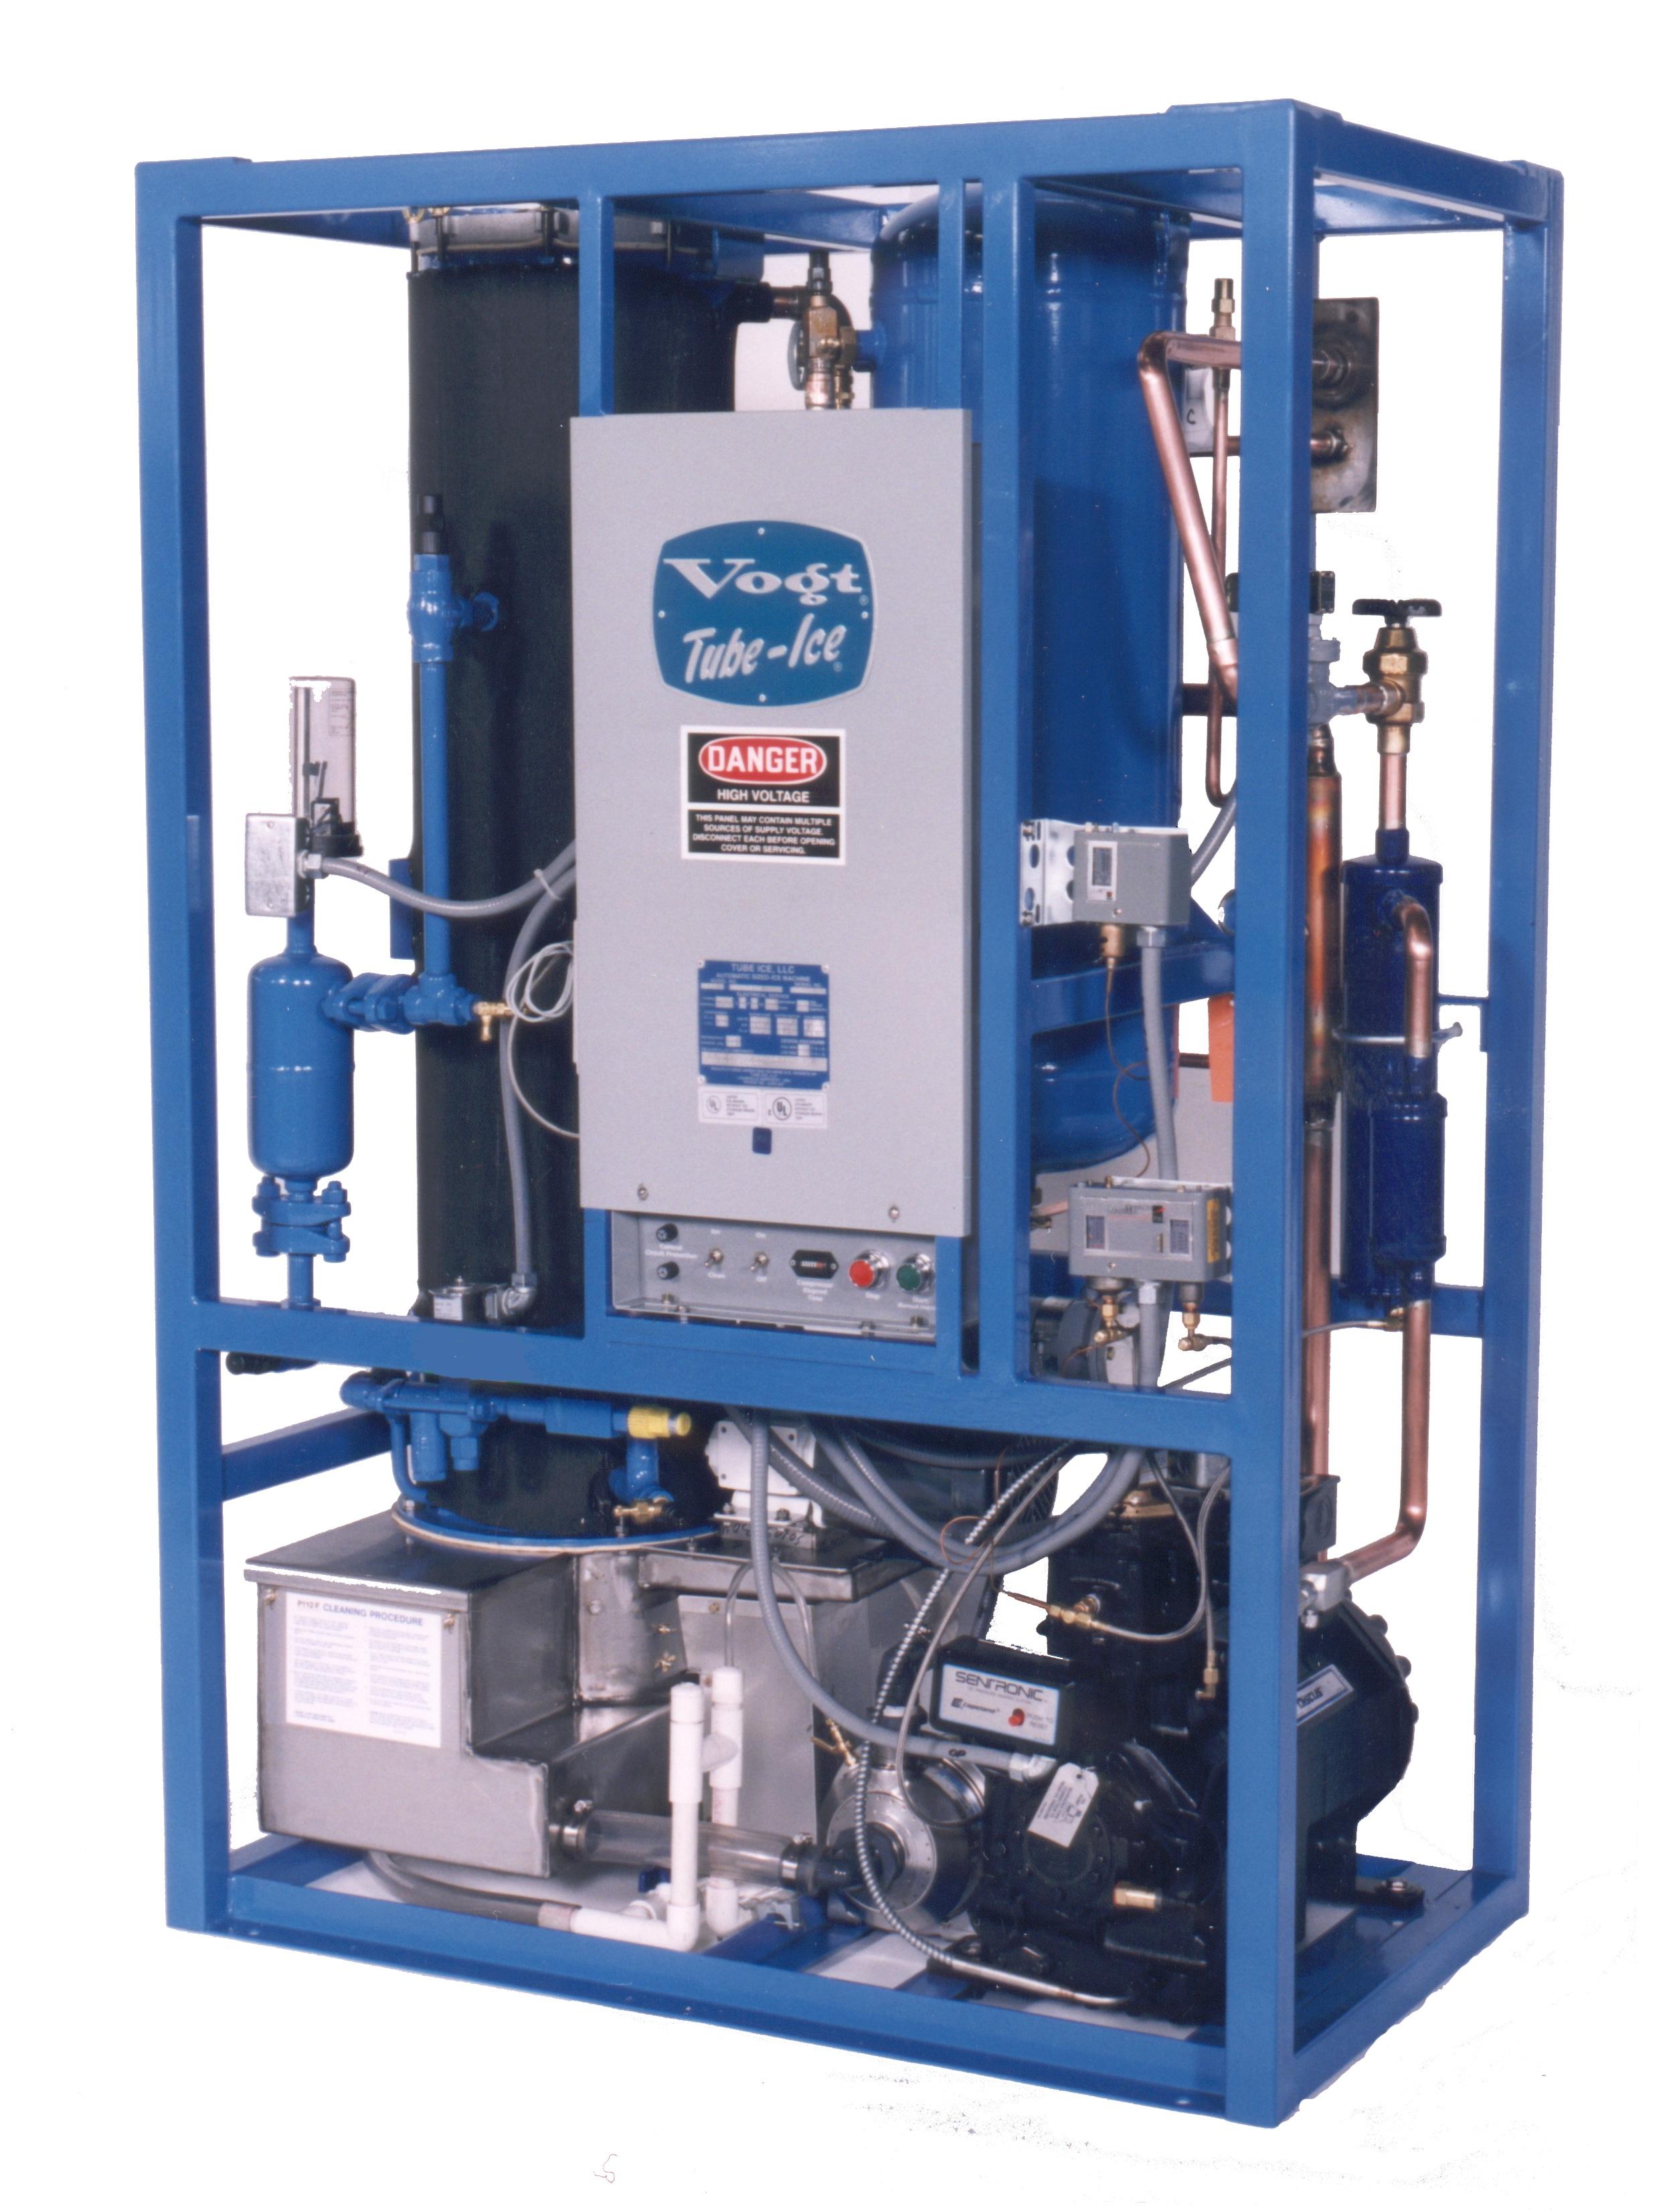 Vogt P112 Ice Maker